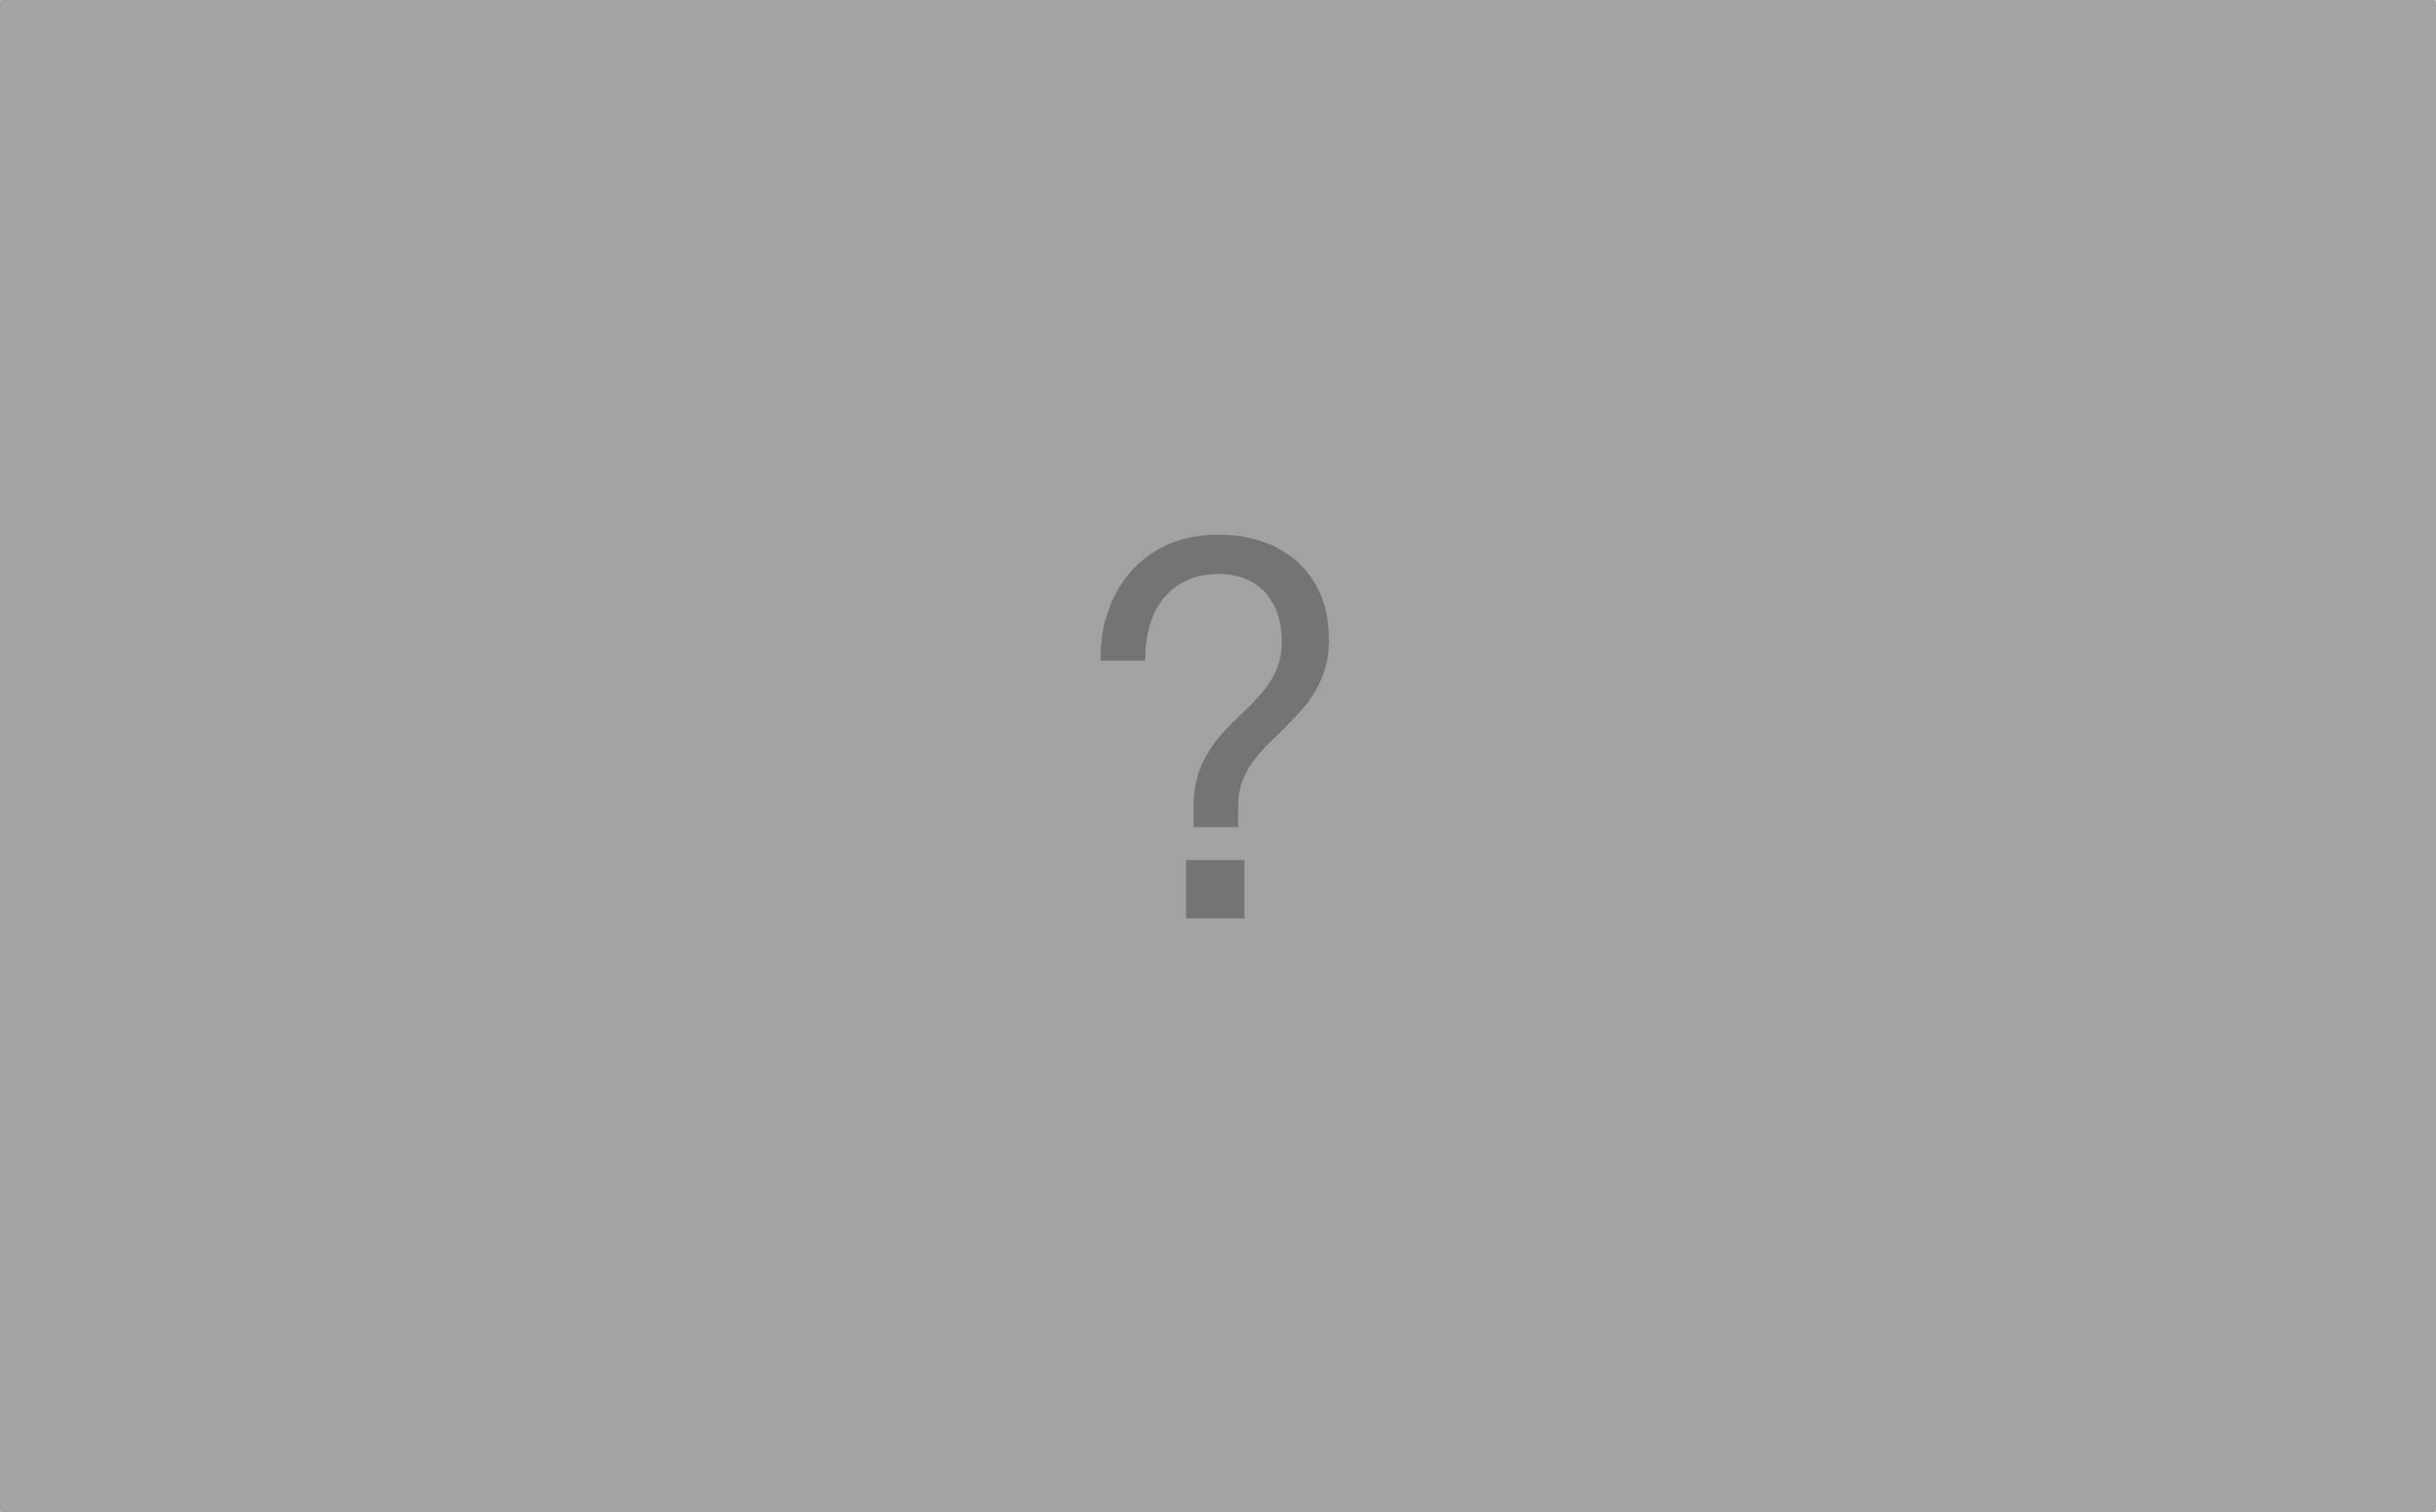 Bilder sollen ORIGINAL iPhone 8 Front, Display und mehr zeigen